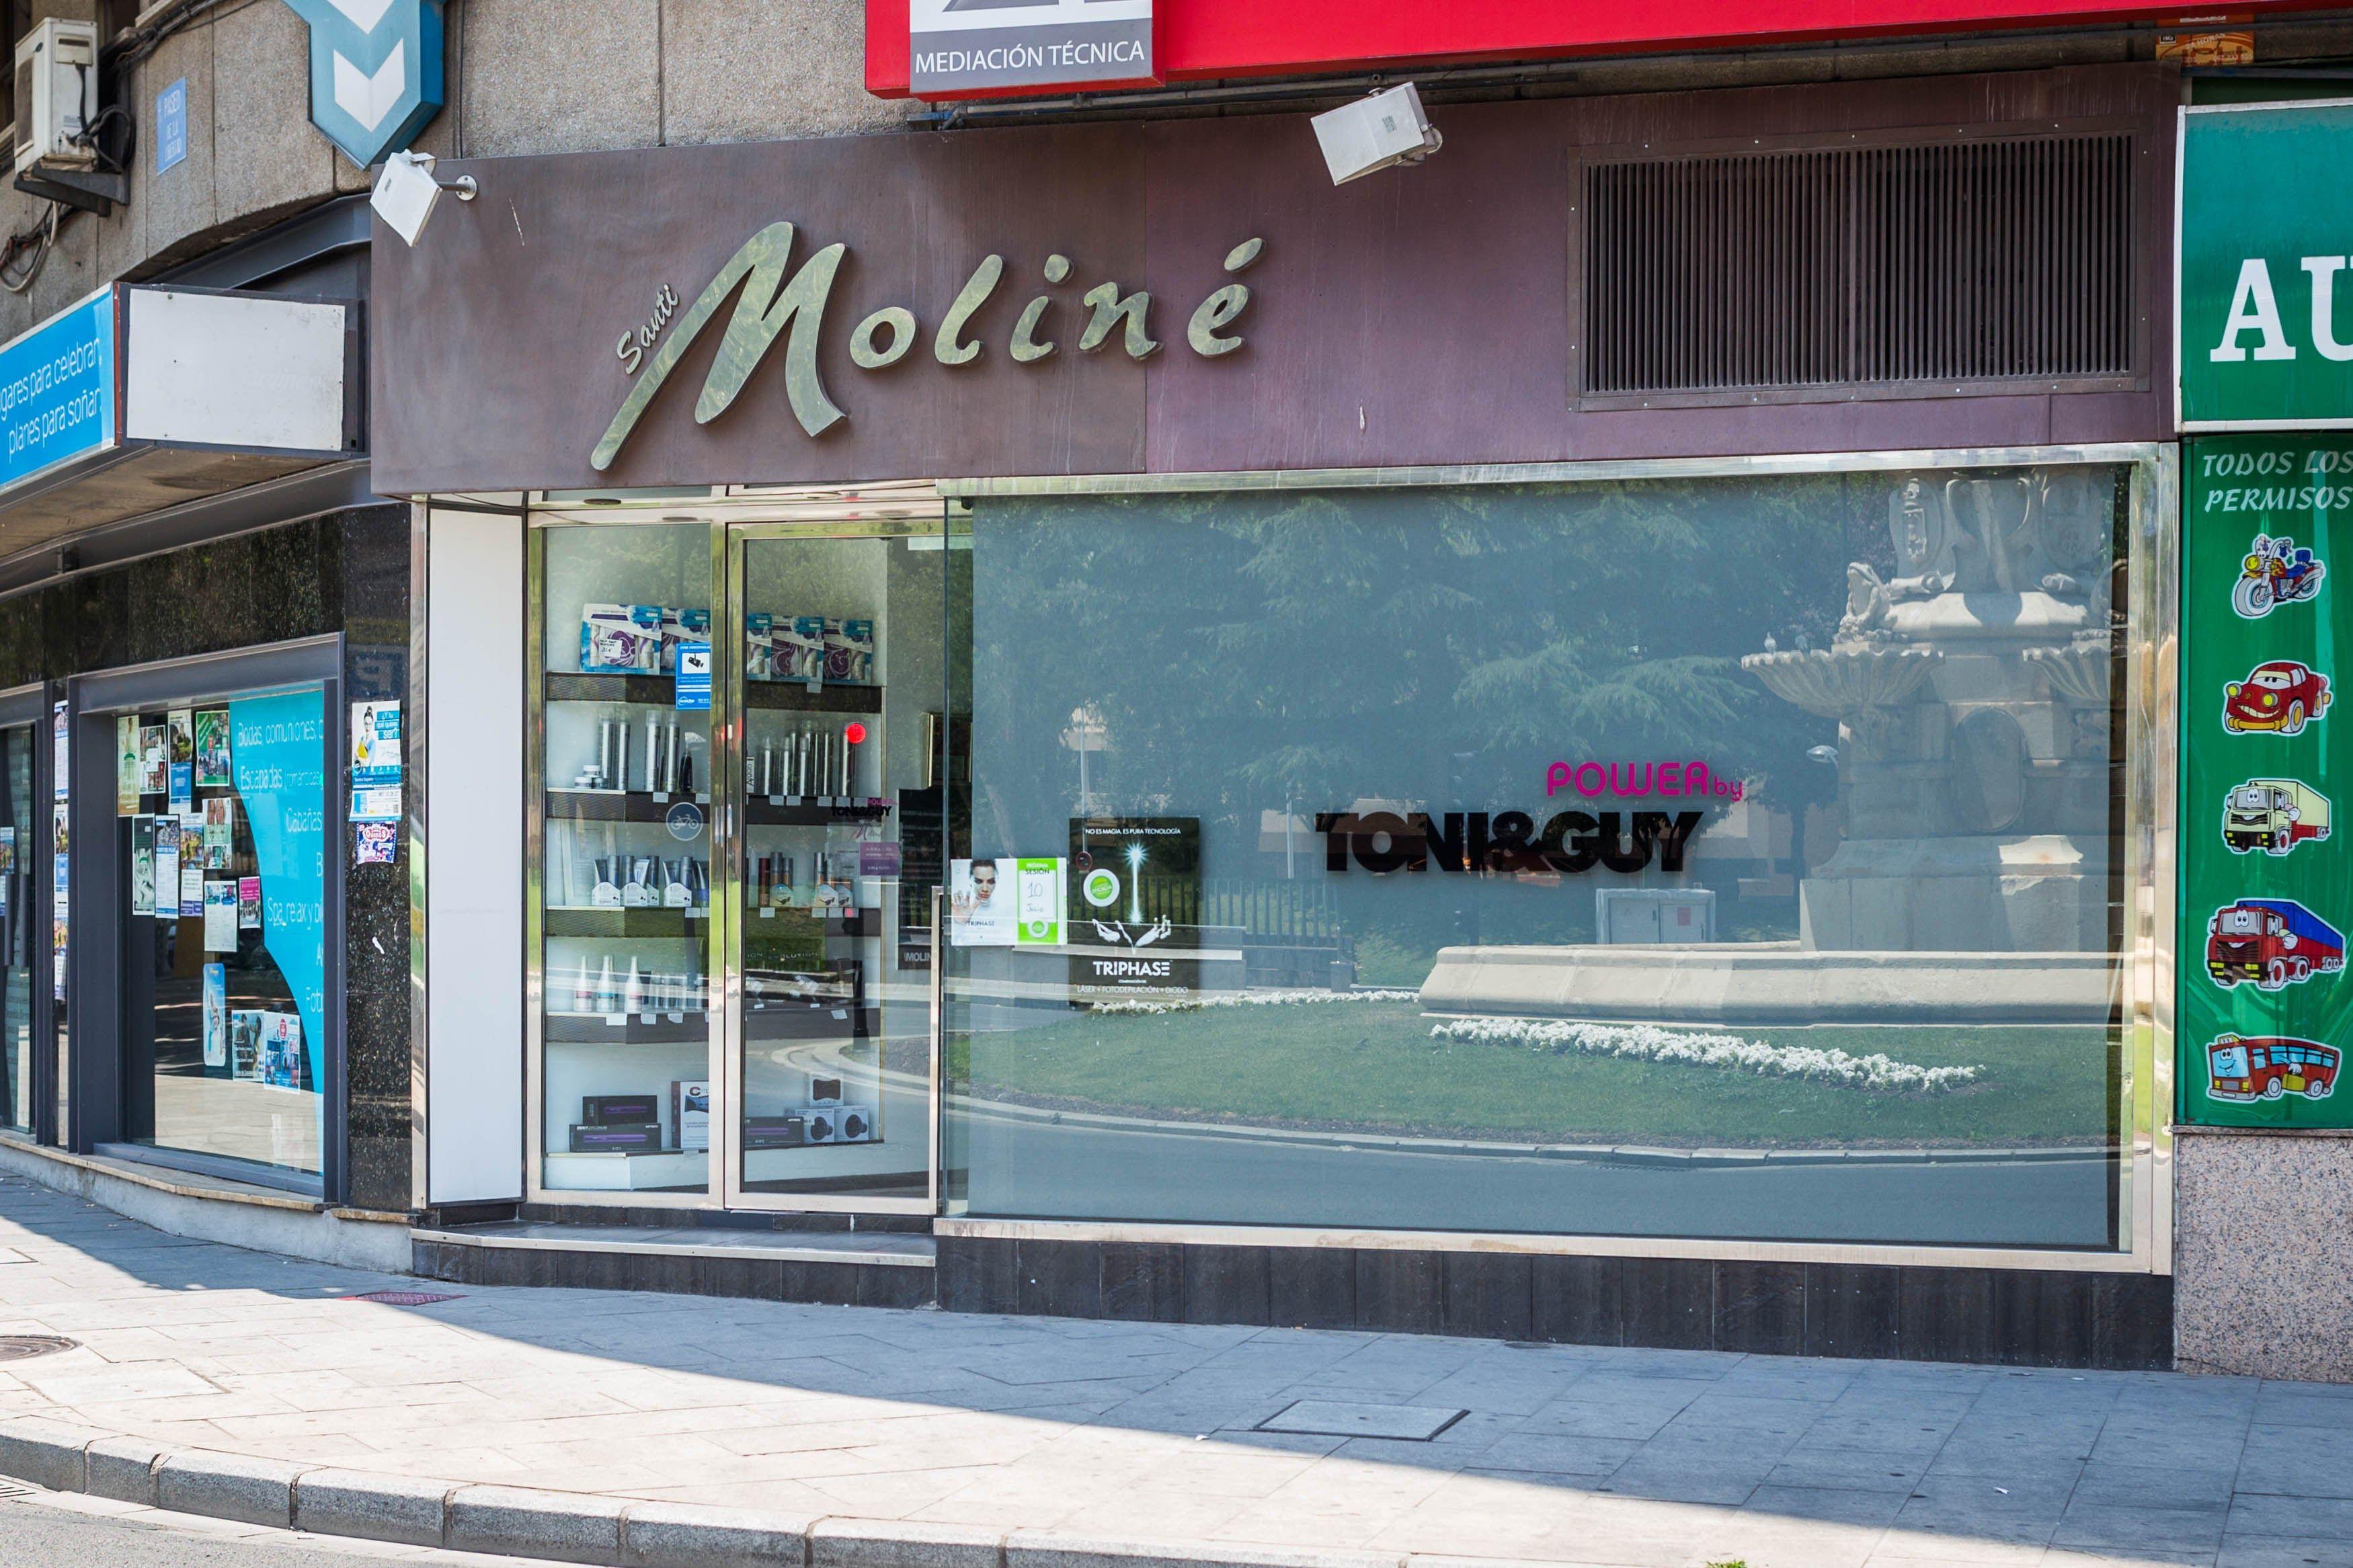 Foto 7 de Peluquería y estética en Albacete   Santi Moliné Creativos del Cabello